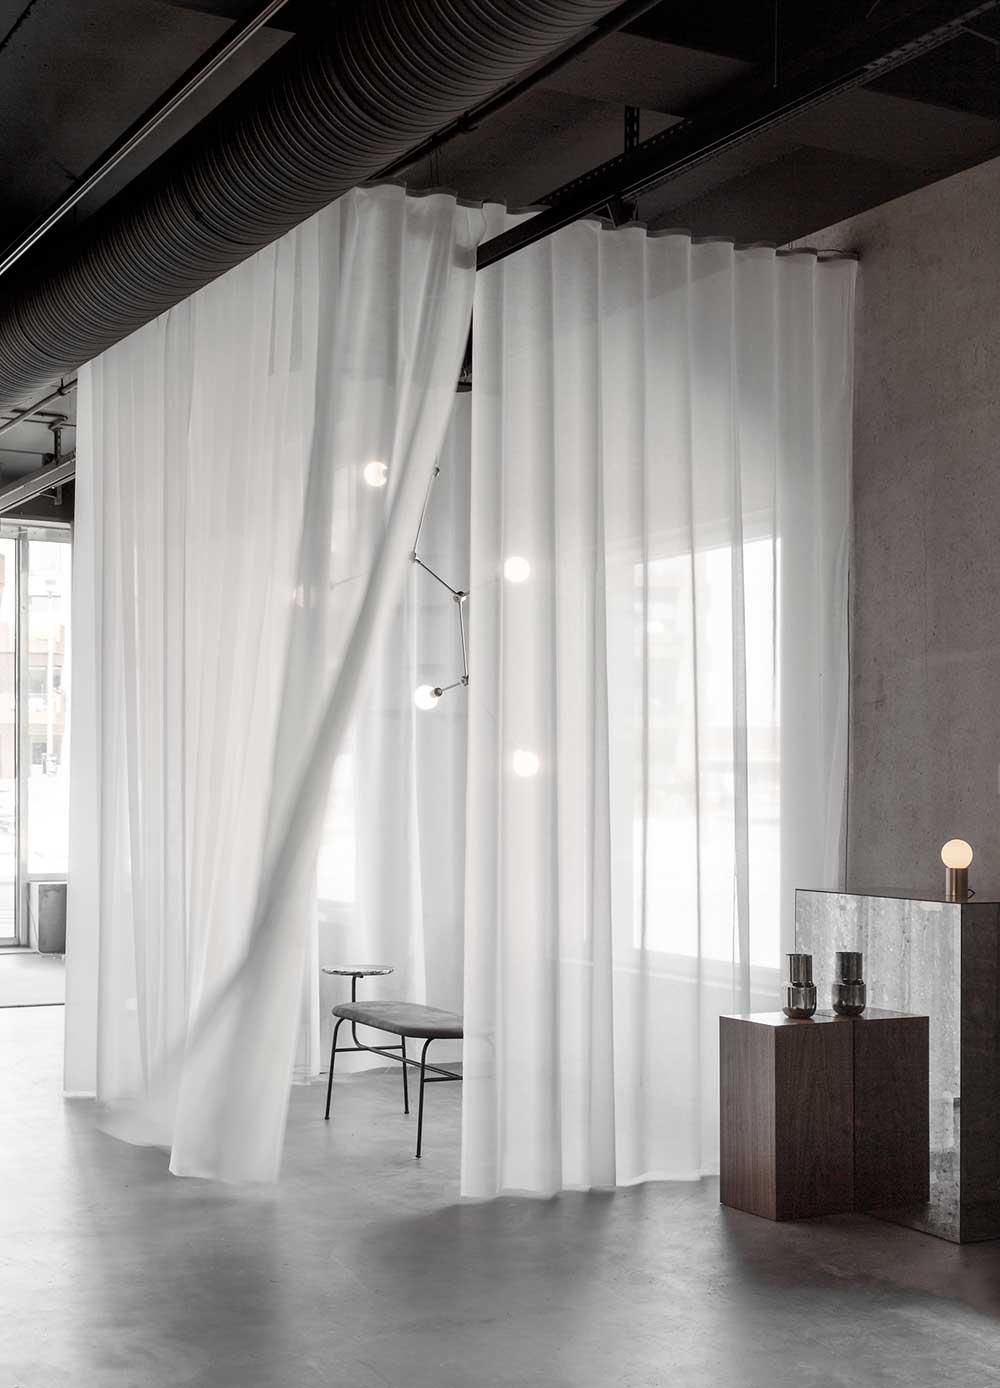 danish design menu showroom 4 - Menu Space Showroom